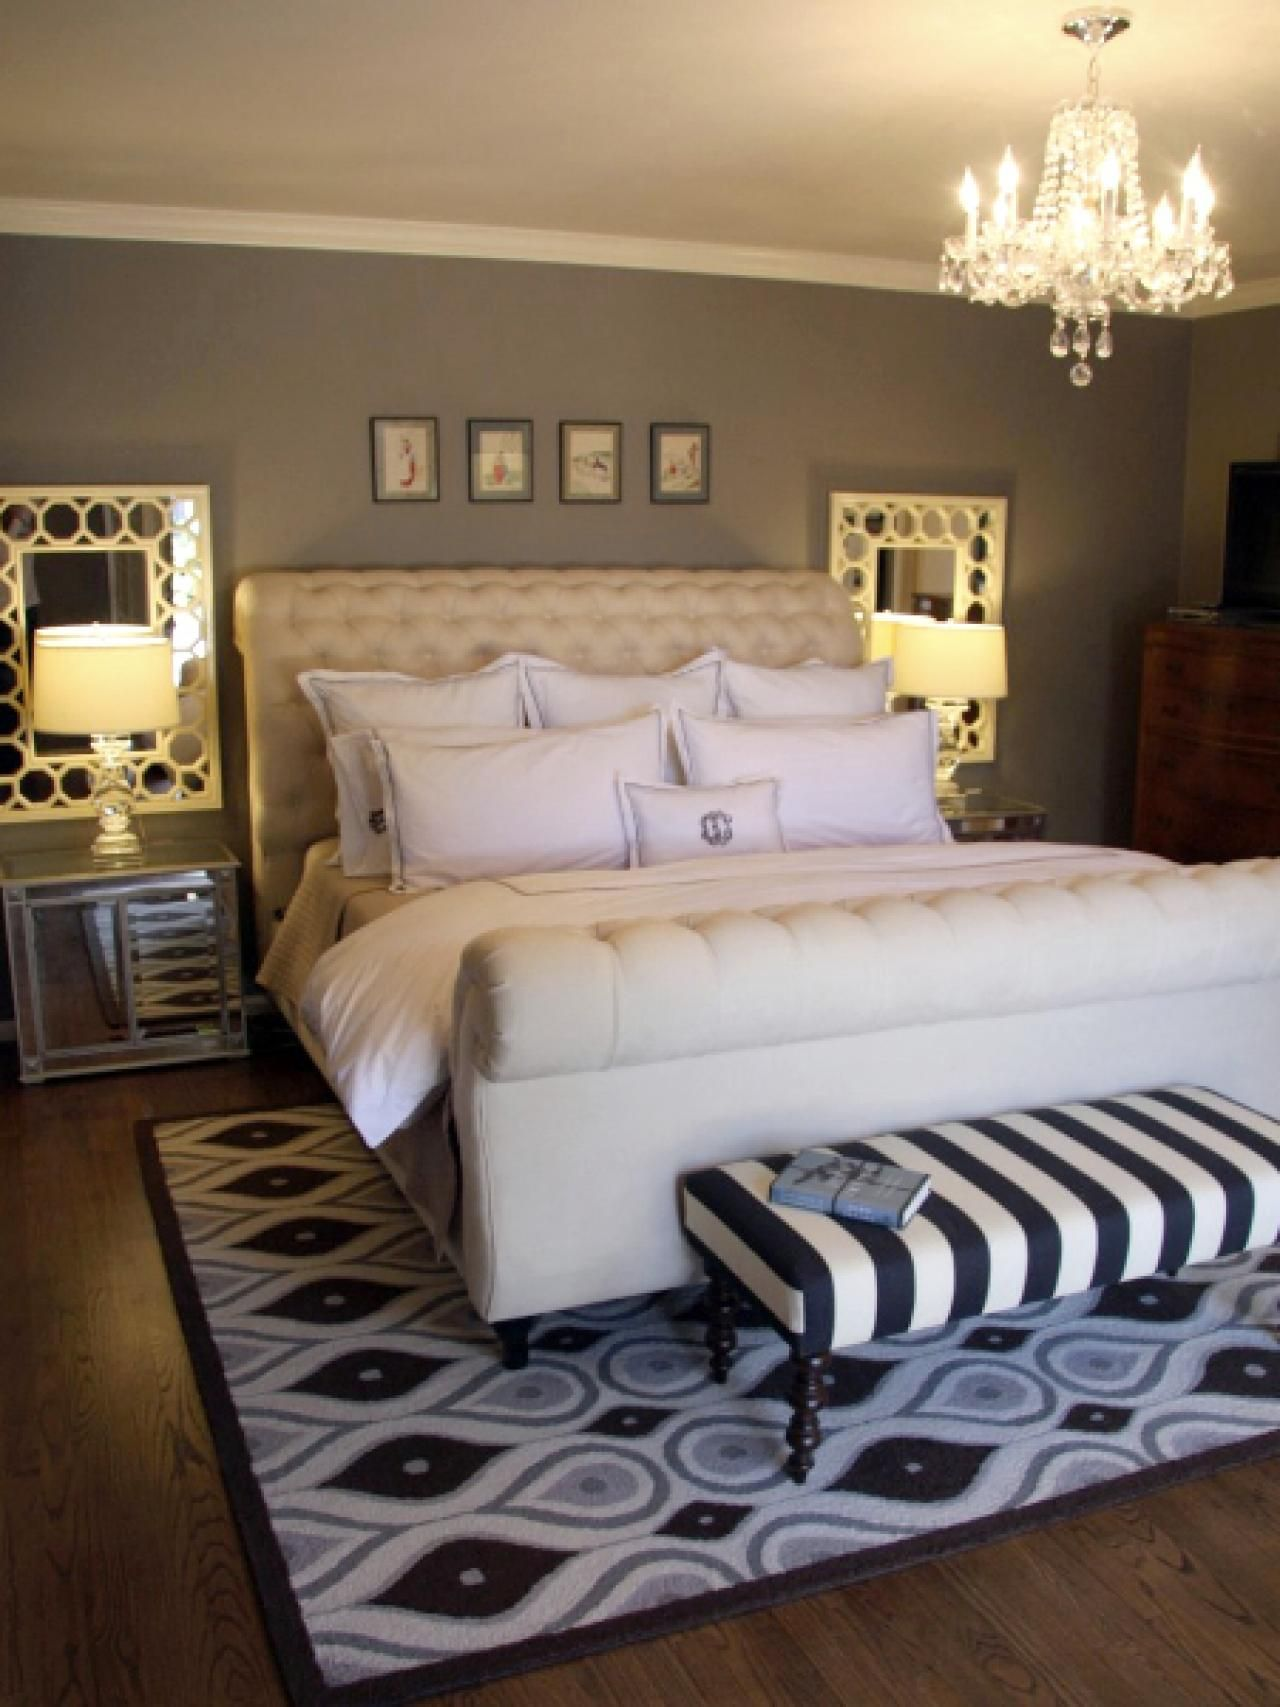 Romantisches schlafzimmer interieur couple bedroom ideas  couple bedroom ideas  here is the latest